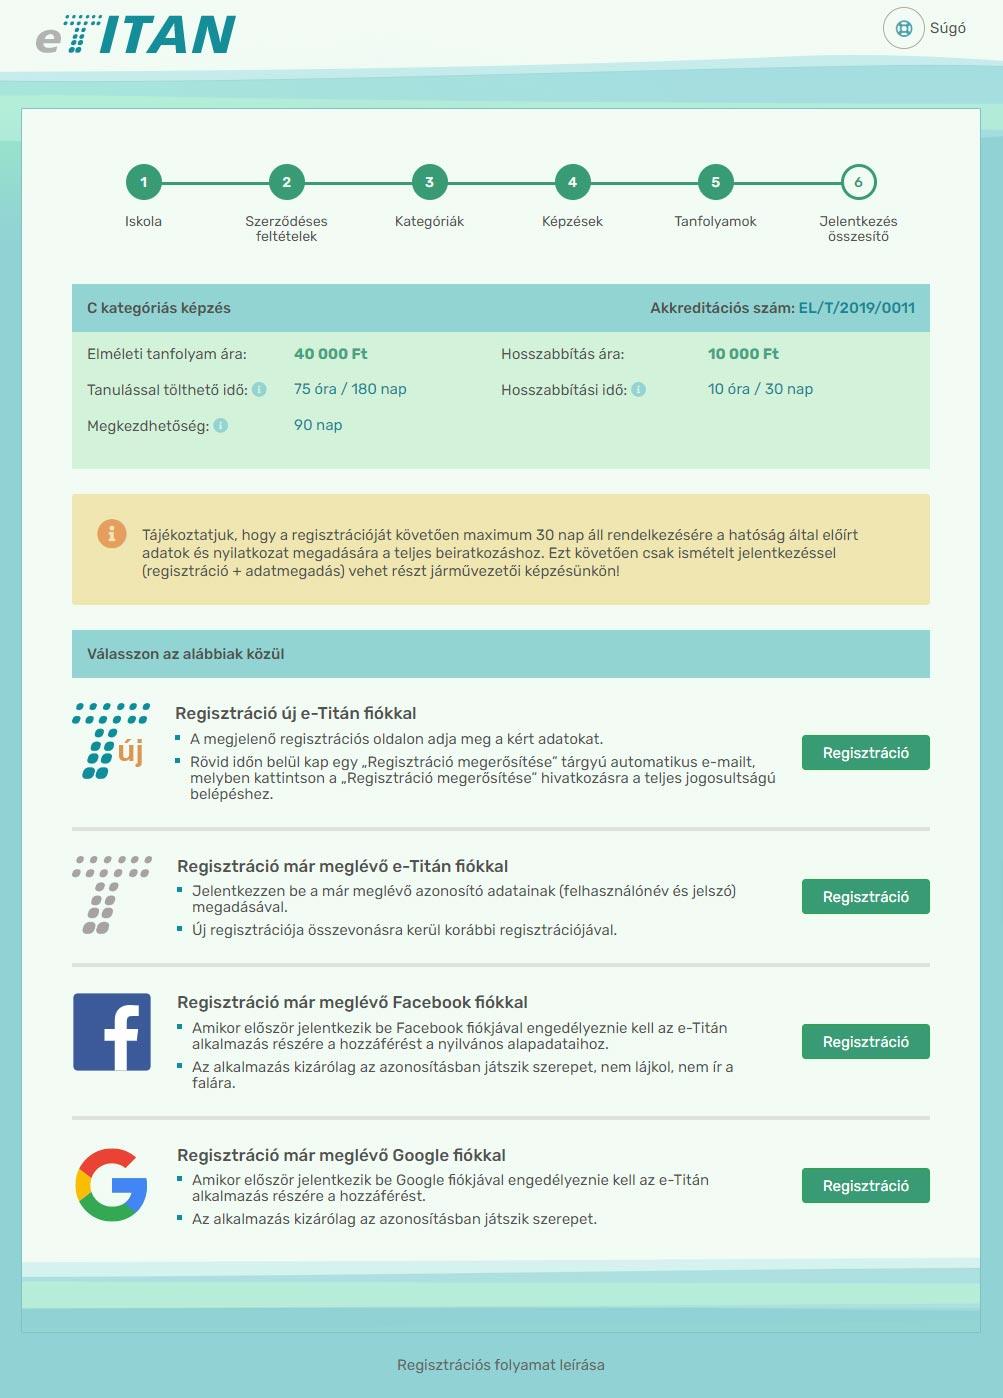 Online regisztráció - 6. lépés